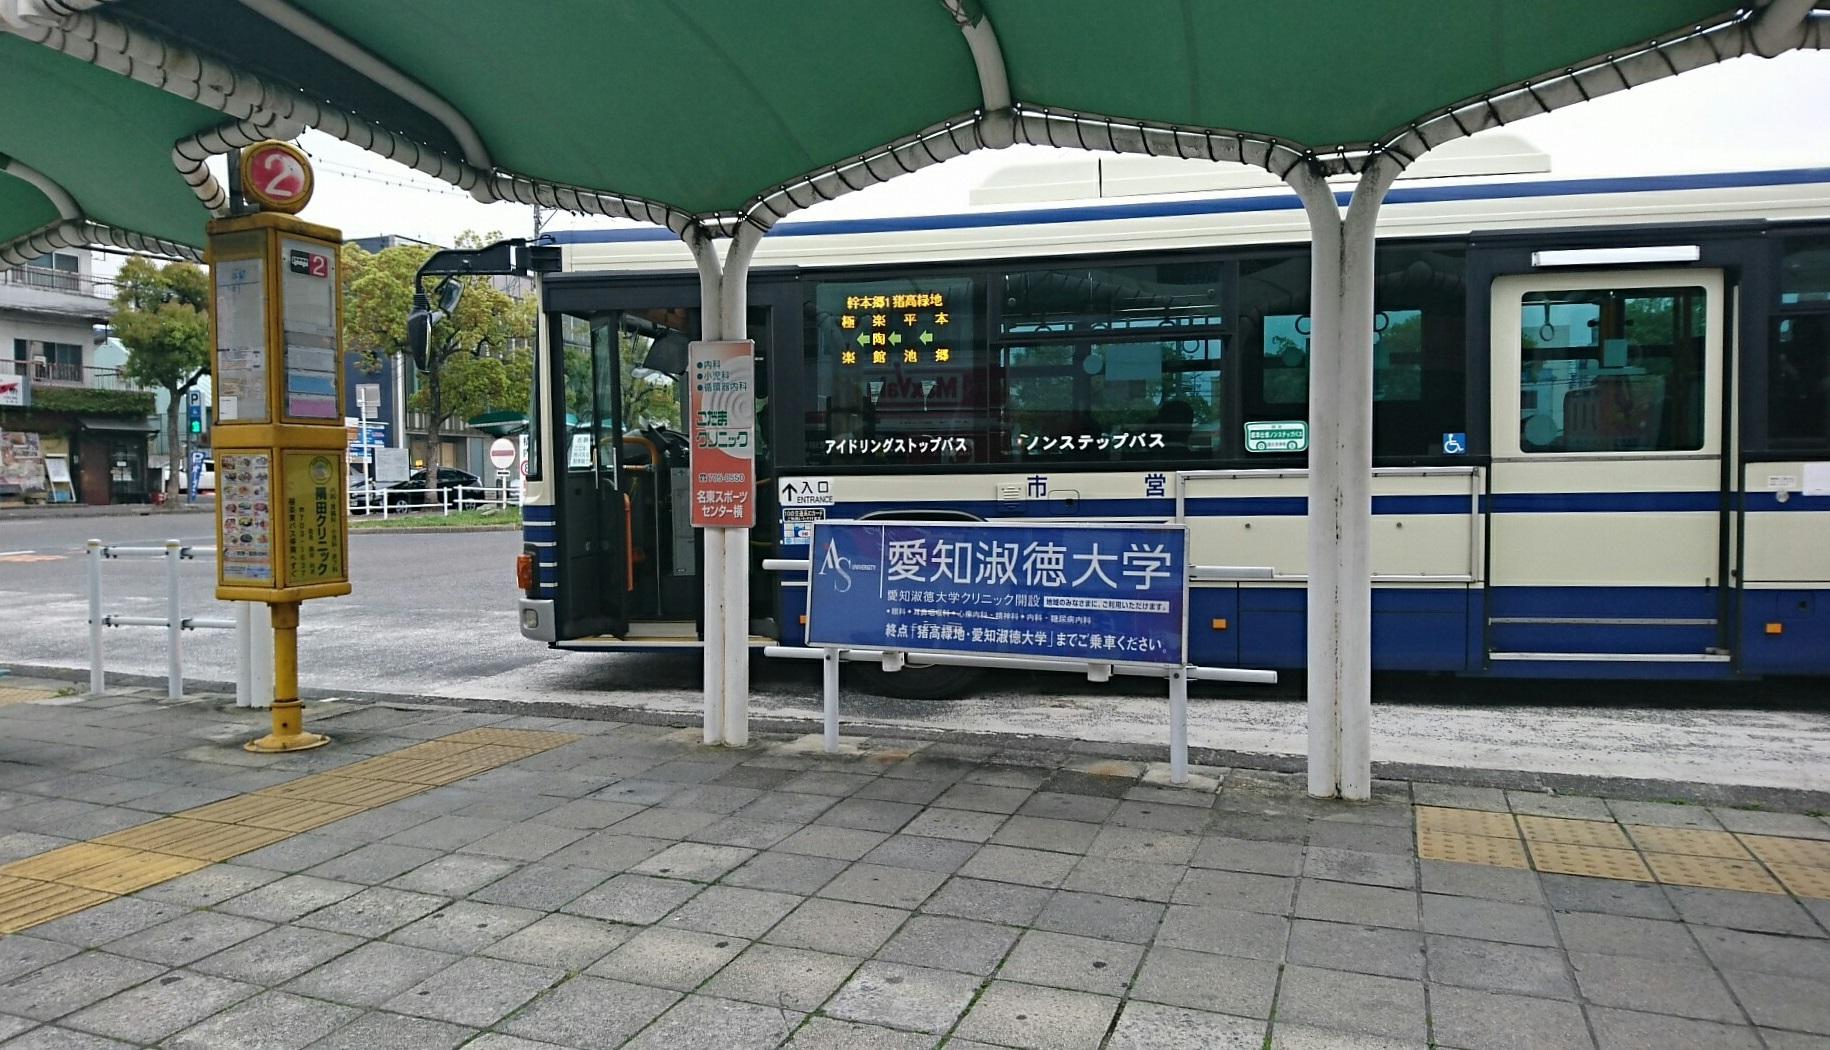 2018.4.6 名古屋 (10) 本郷 - 猪高緑地いきバス 1830-1050